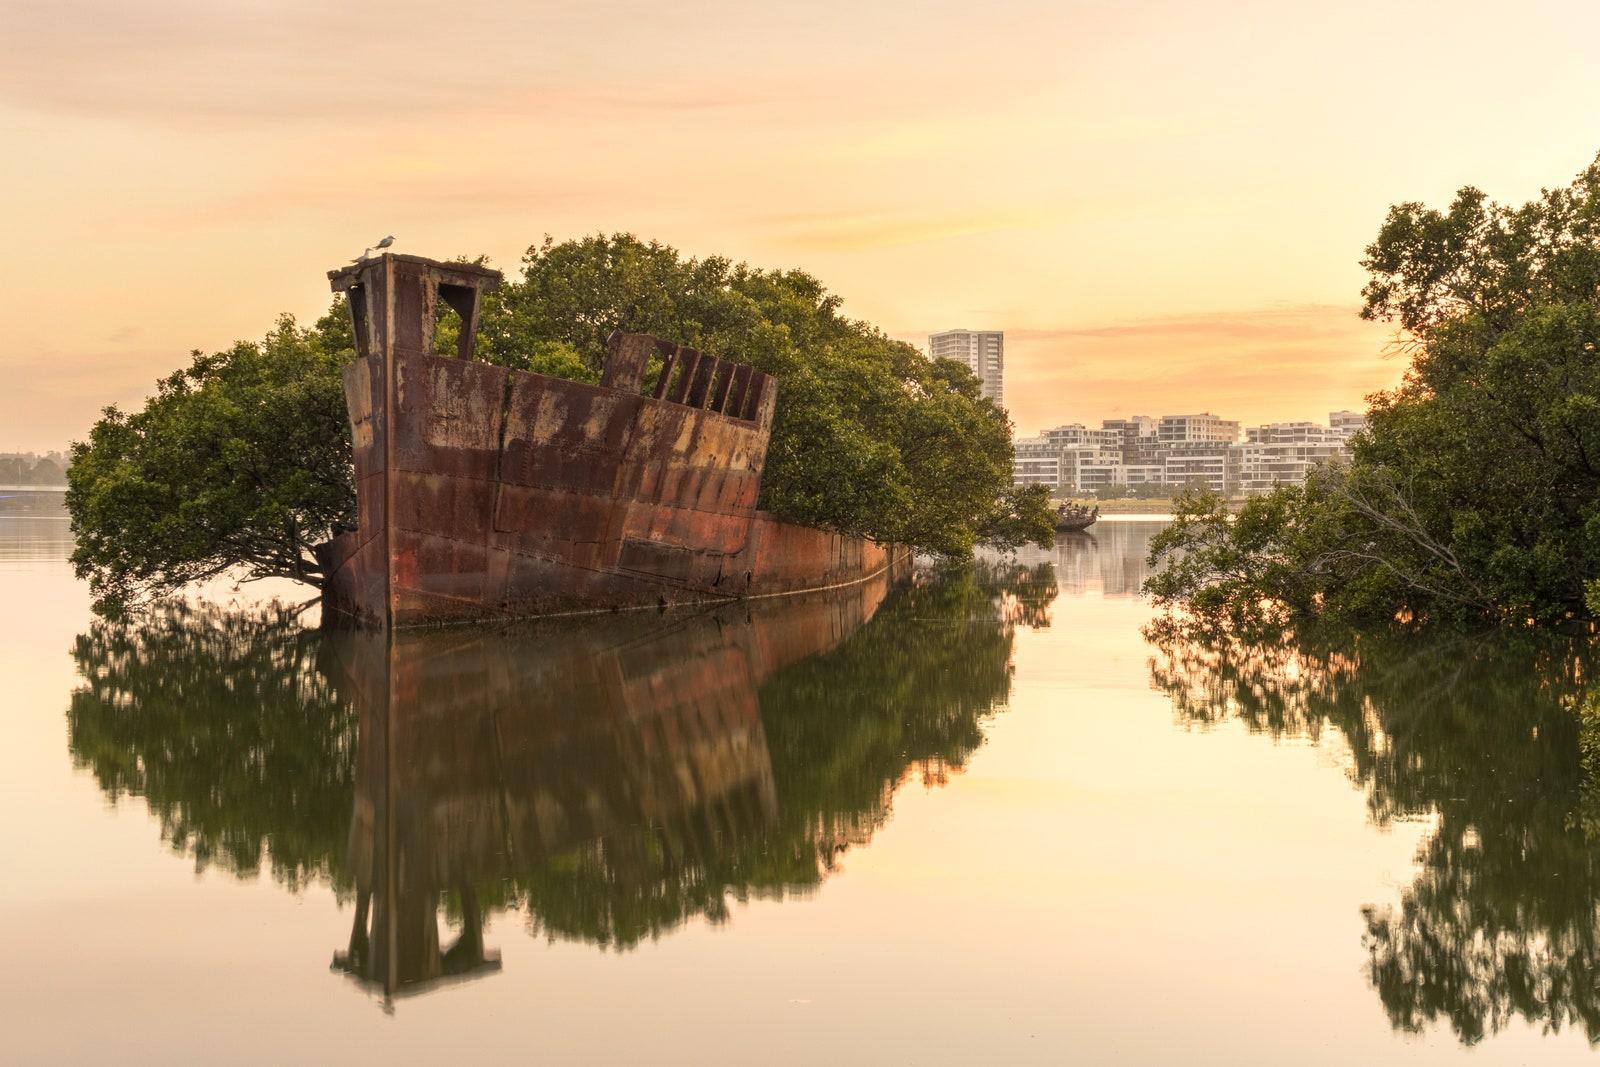 """Cây rừng ngập mặn phủ kín con tàu hơn trăm tuổi ở Australia là hình ảnh ấn tượng thu hút du khách khắp thế giới. Người dân vịnh Homebush gọi nơi đây là """"rừng nổi"""". Ảnh: Getty."""